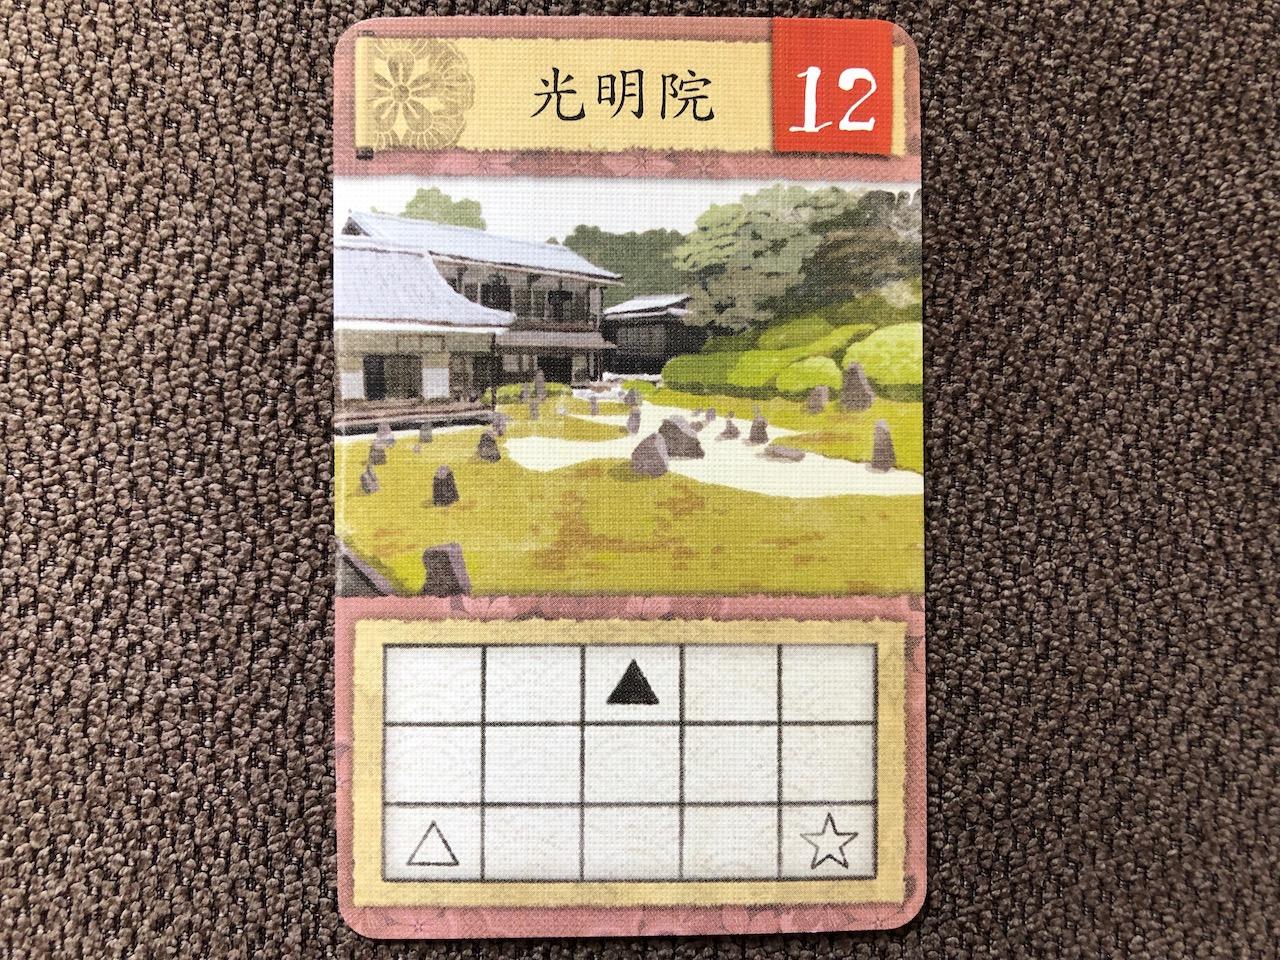 「光明院」の名庭園カード(12点)